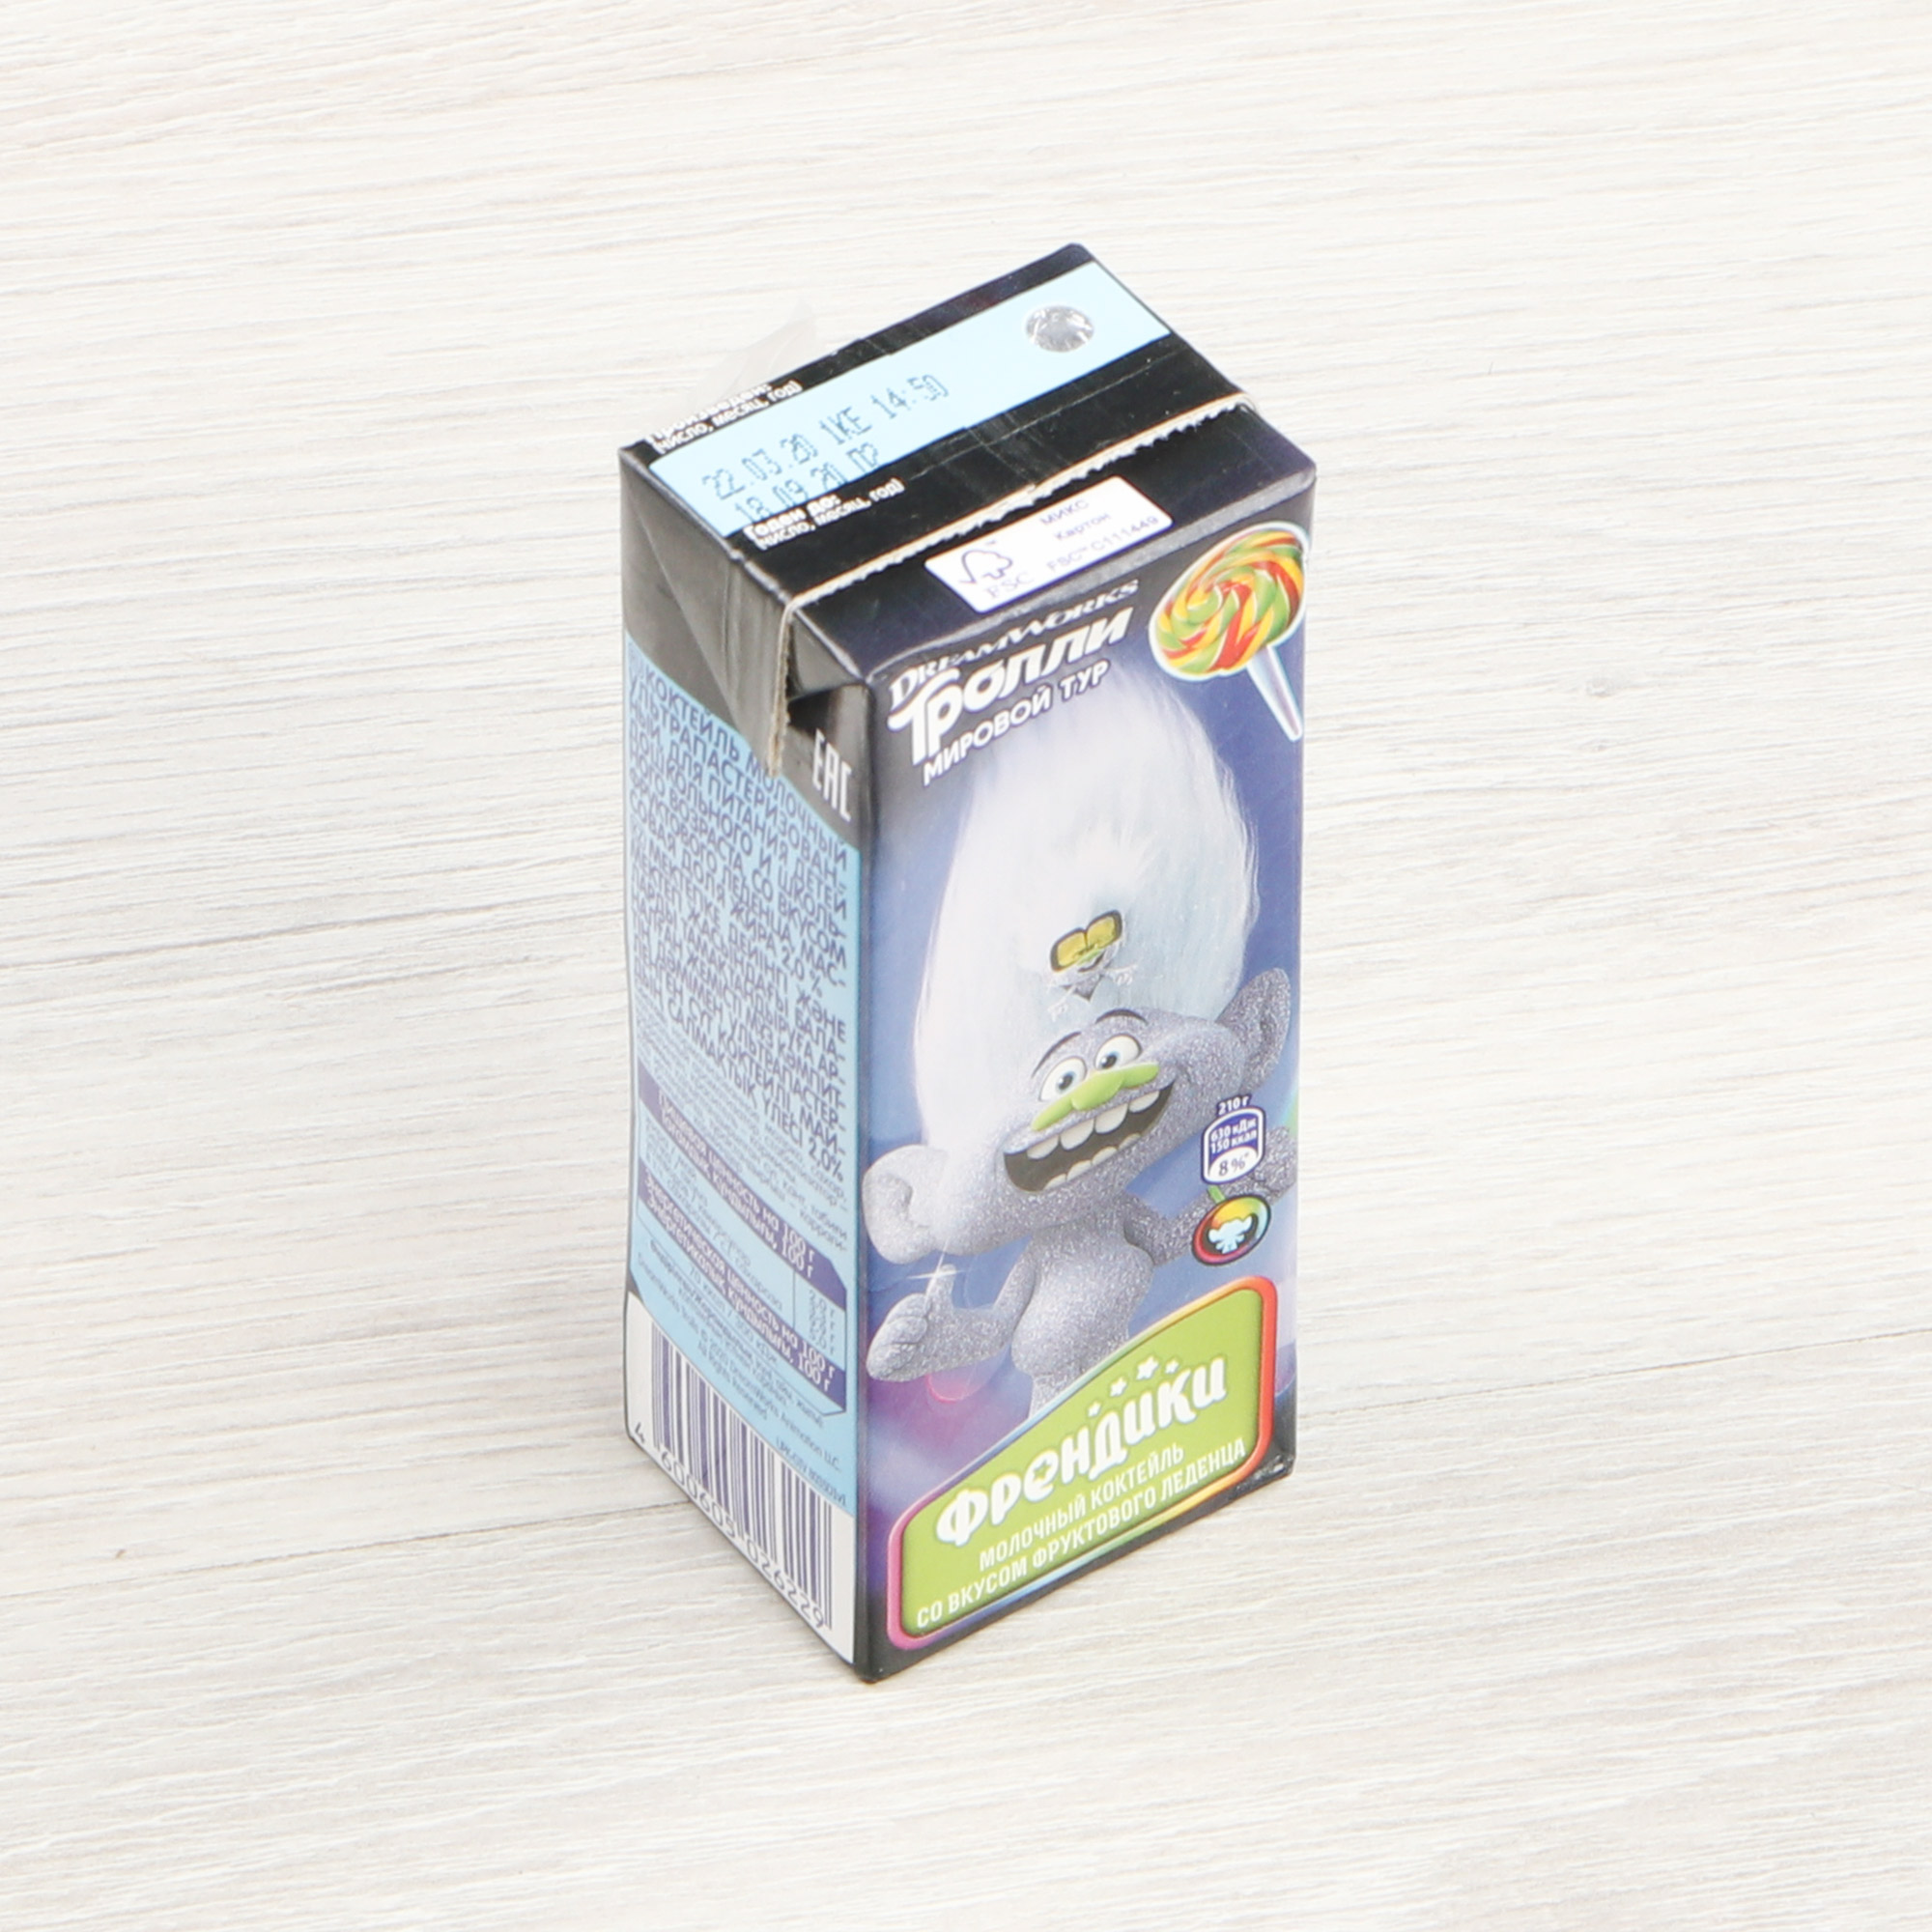 Коктейль Френдики Фруктовый леденец 210 г фотообои 134х98см фруктовый коктейль 186 арт 134fk